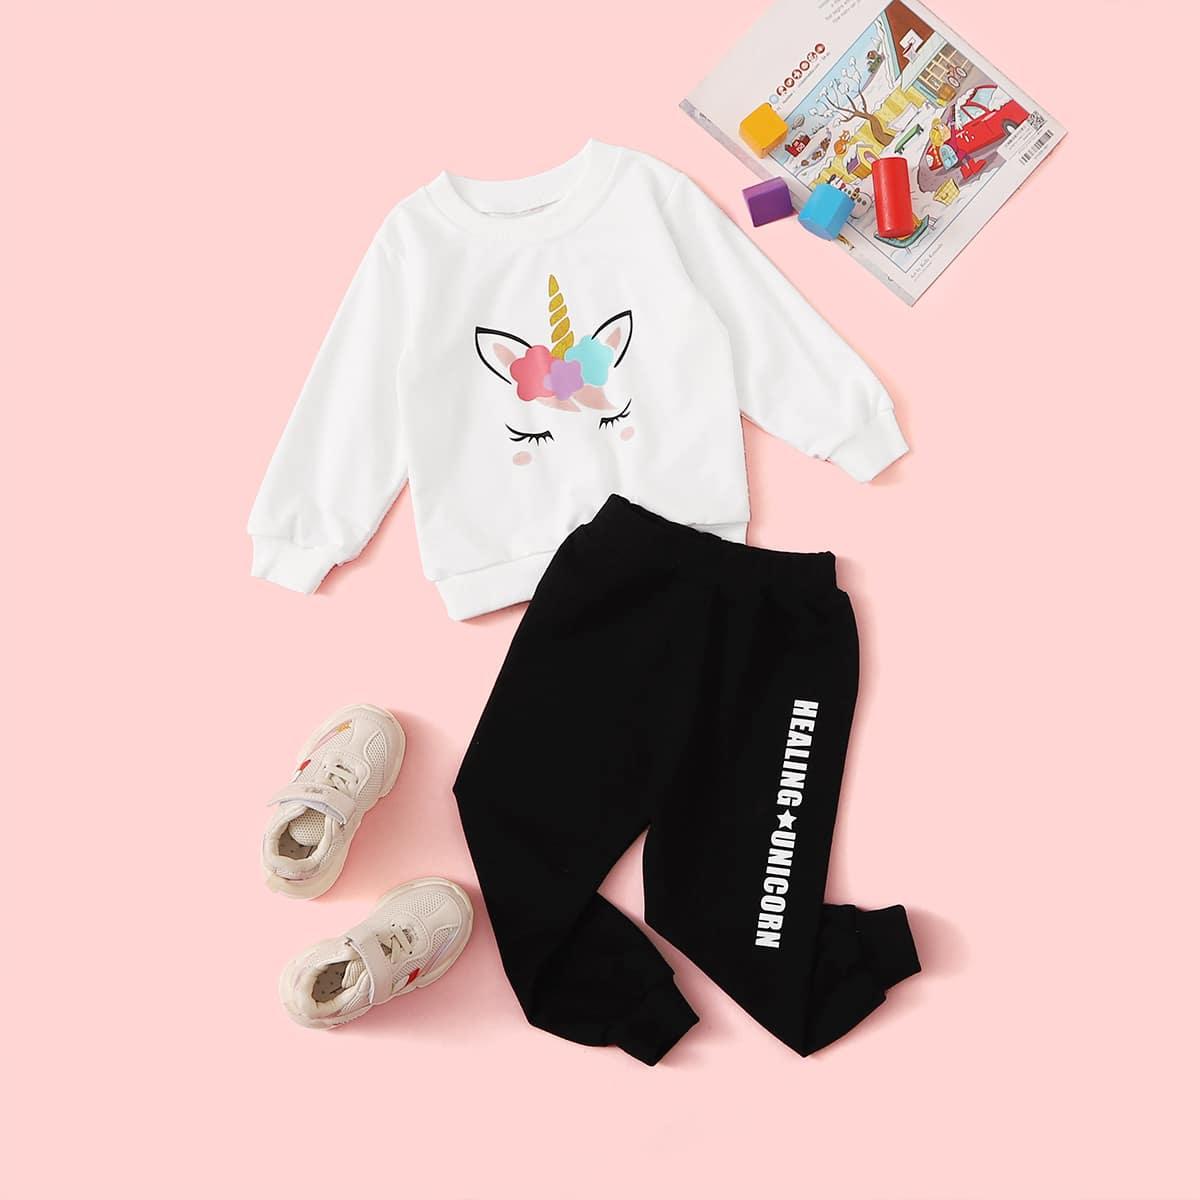 SHEIN / Schwarz und Weiss Cartoons  Lässig Kleinkind Mädchen zweiteilige Outfits